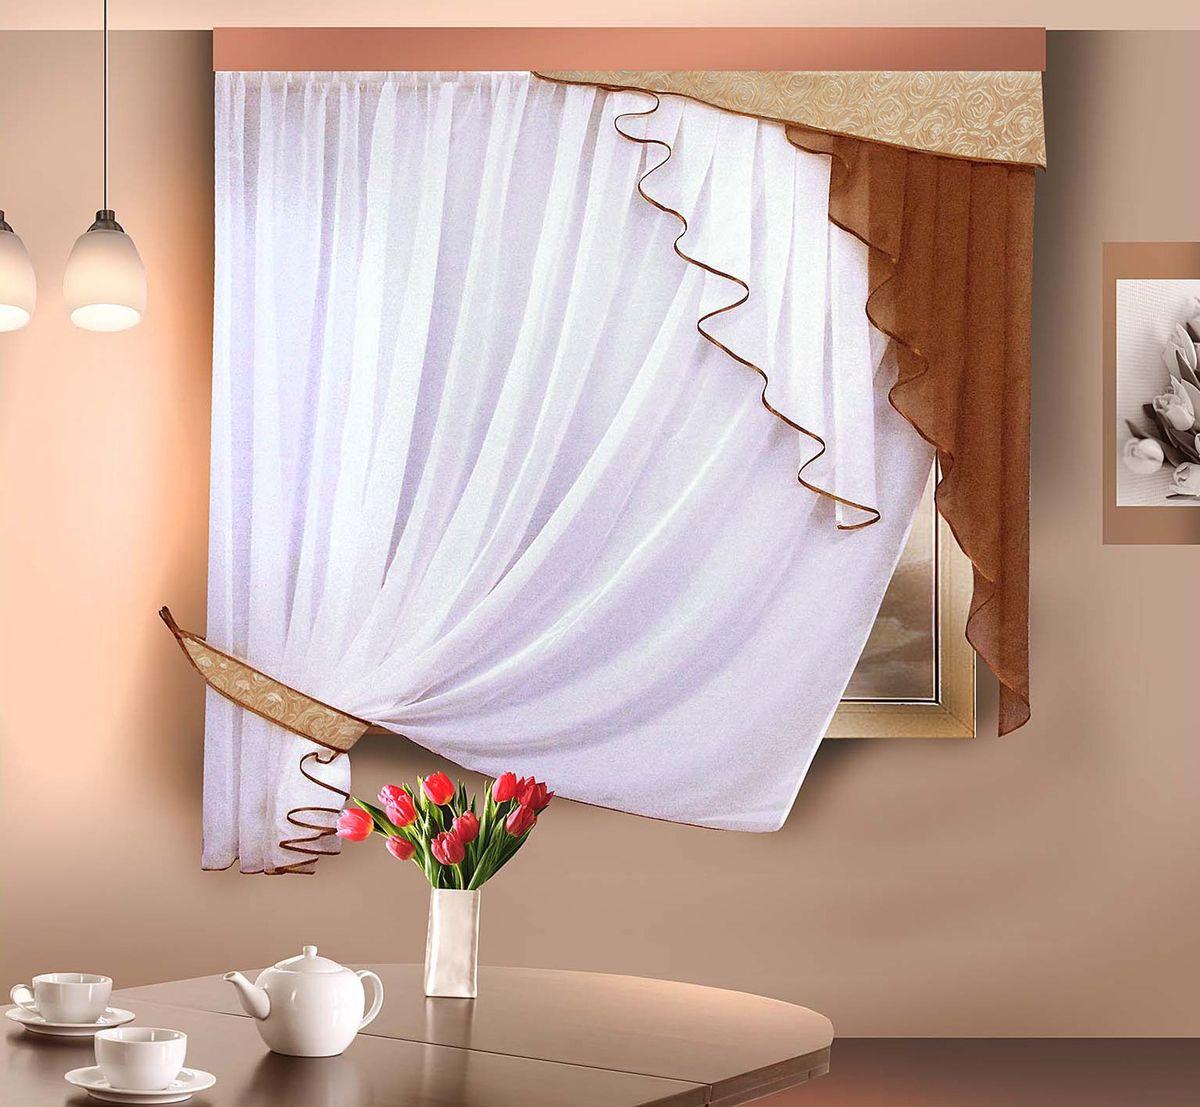 Комплект штор Zlata Korunka, на ленте, цвет: коричневый, белый, высота 170 см. 5554955549Комплект штор Zlata Korunka, выполненный из полиэстера, великолепно украсит любое окно. Комплект состоит из тюля и ламбрекена. Ассиметричная форма и приятная цветовая гамма привлекут к себе внимание и органично впишутся в интерьер помещения. Этот комплект будет долгое время радовать вас и вашу семью! Комплект крепится на карниз при помощи ленты, которая поможет красиво и равномерно задрапировать верх. В комплект входит: Тюль: 1 шт. Размер (Ш х В): 290 см х 170 см. Ламбрекен: 1 шт. Размер (Ш х В): 100 см х 170 см.